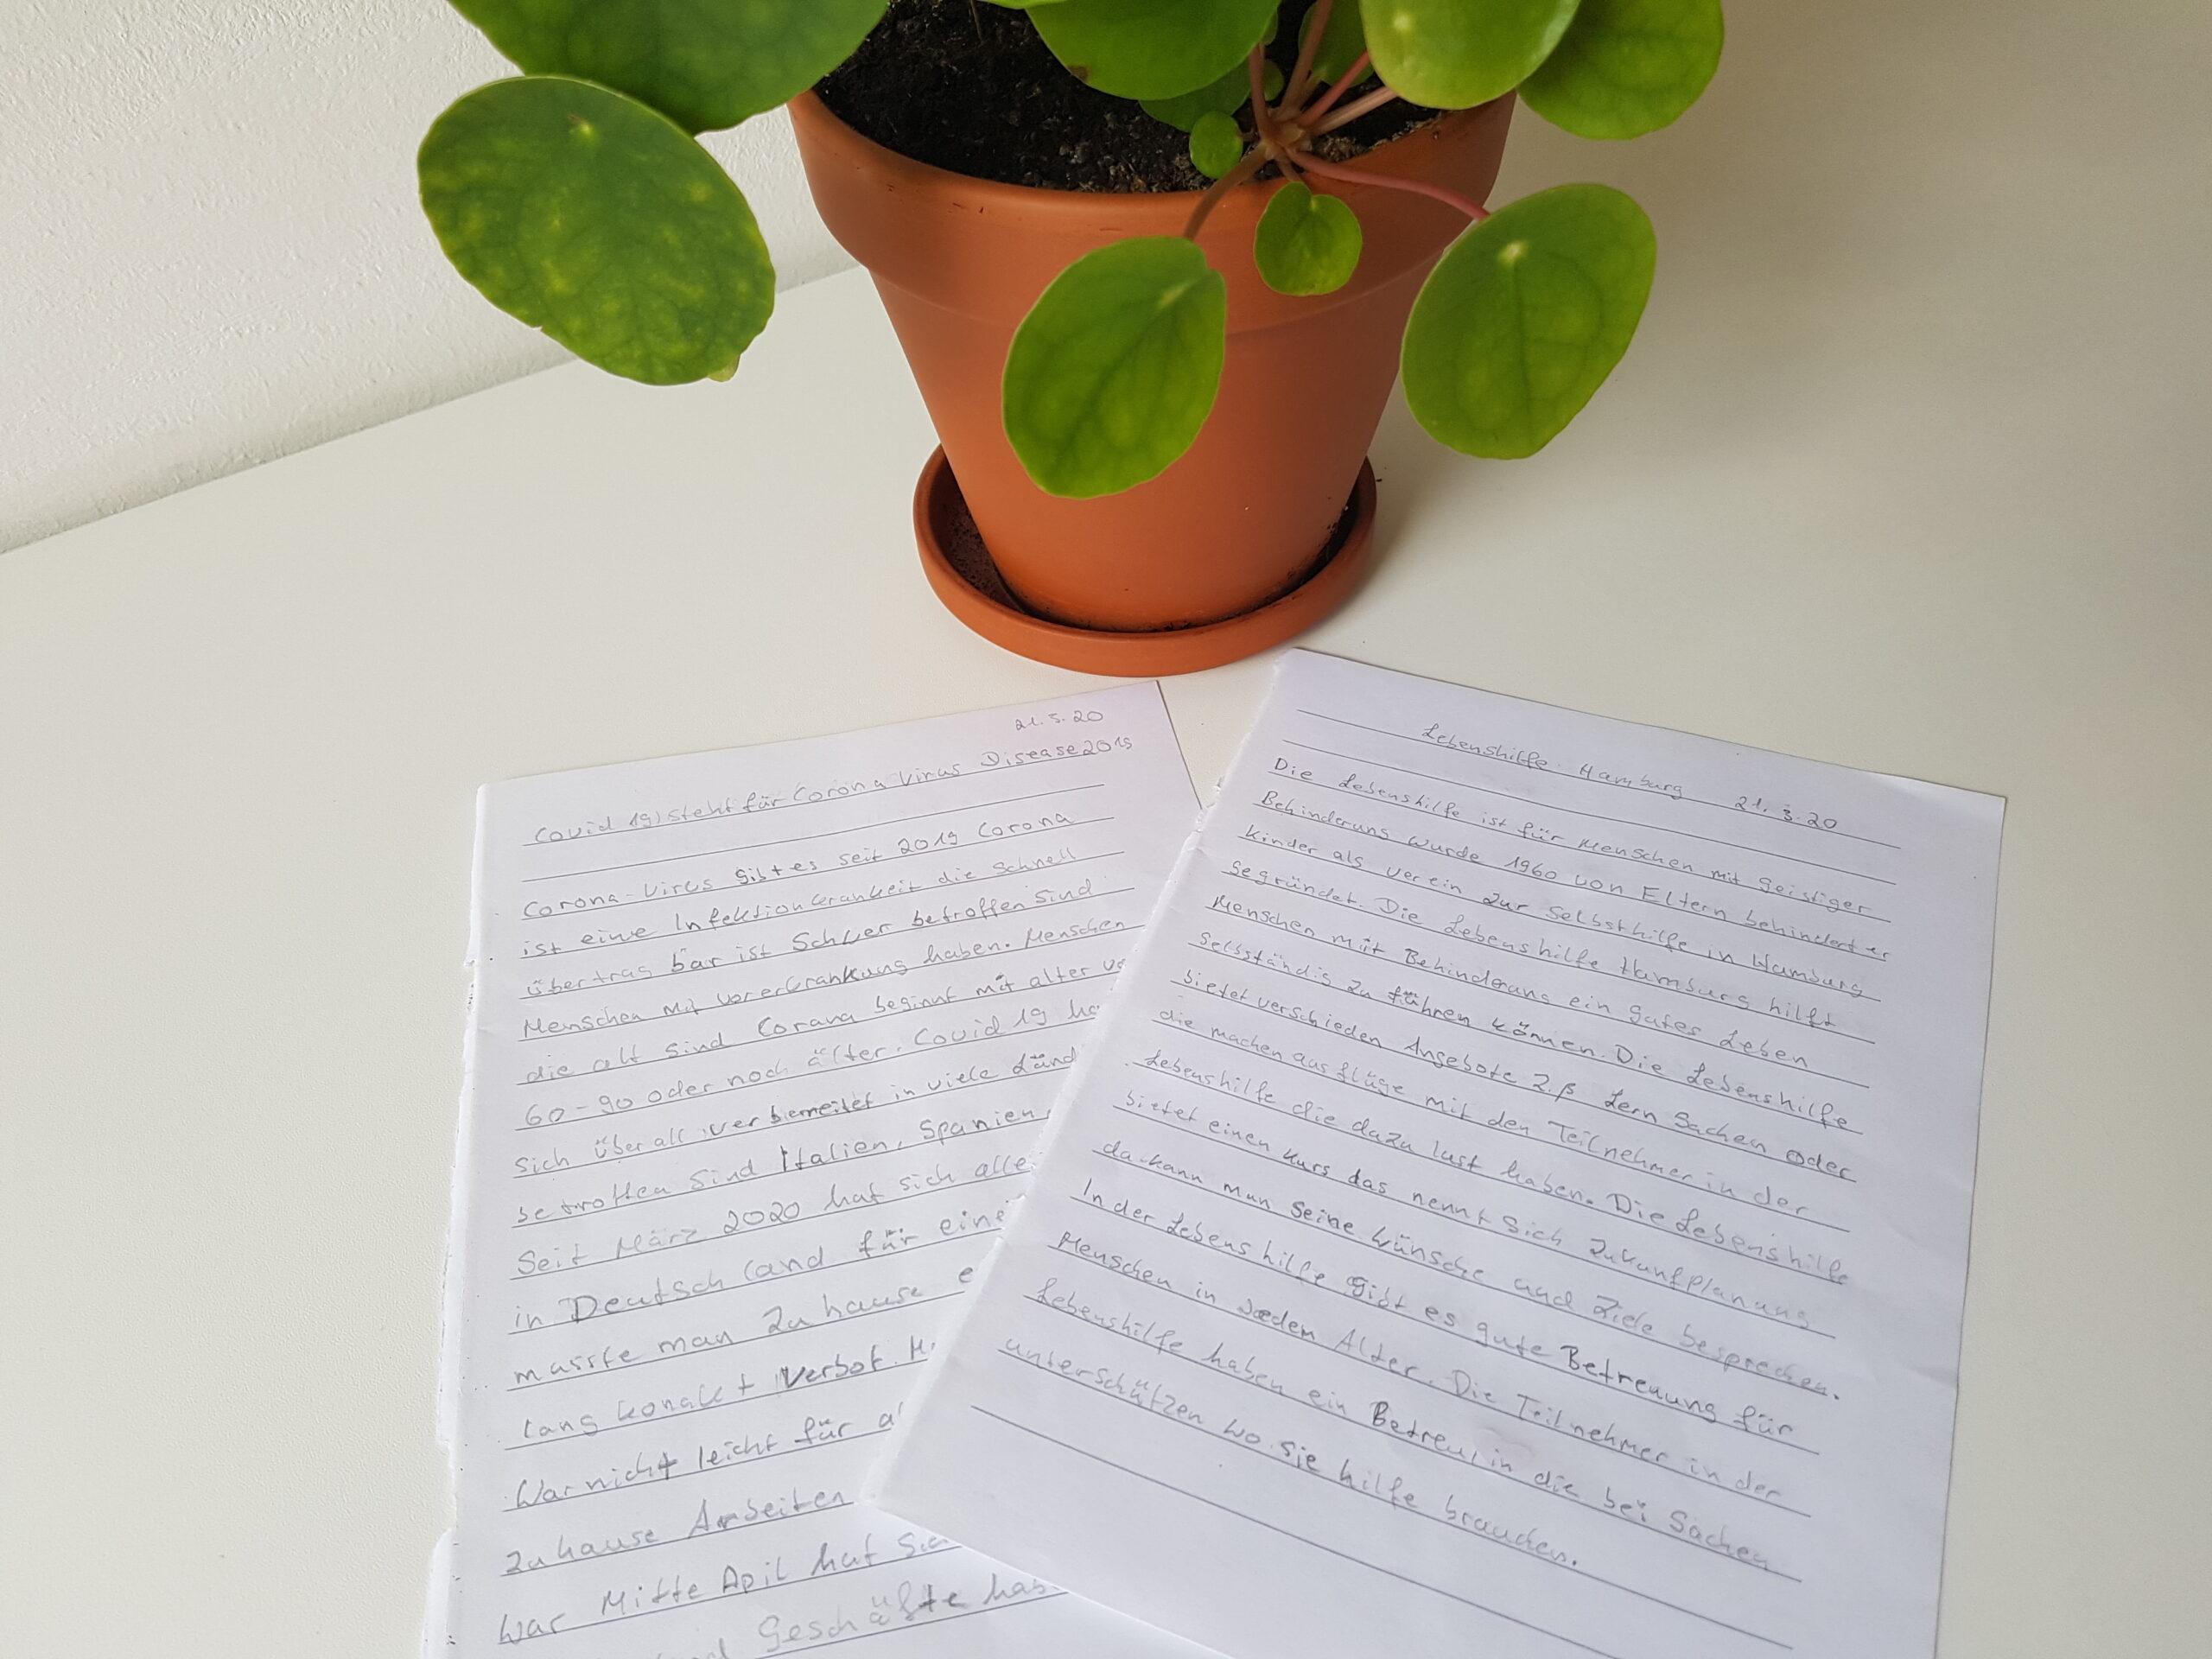 Briefe auf dem Tisch